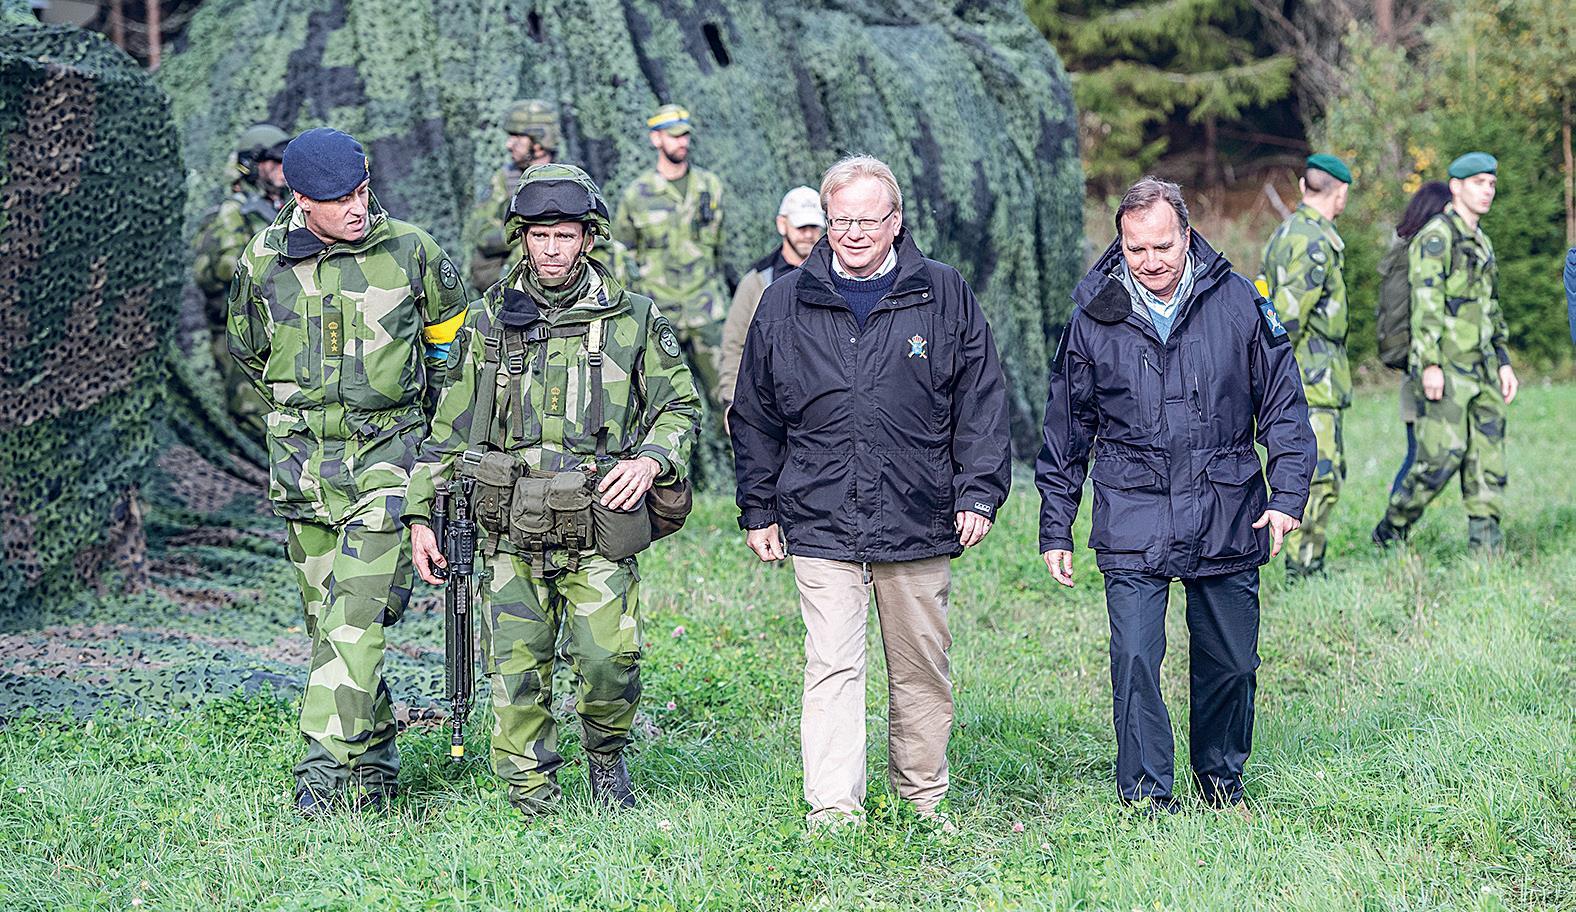 muutPääministeri Stefan Löfven (oik.) ja puolustusministeri Peter Hultqvist vierailivat Ruotsin järjestämässä Aurora-sotaharjoituksessa viime syyskuussa. Harjoitukseen osallistui myös kuusi Nato-maata.